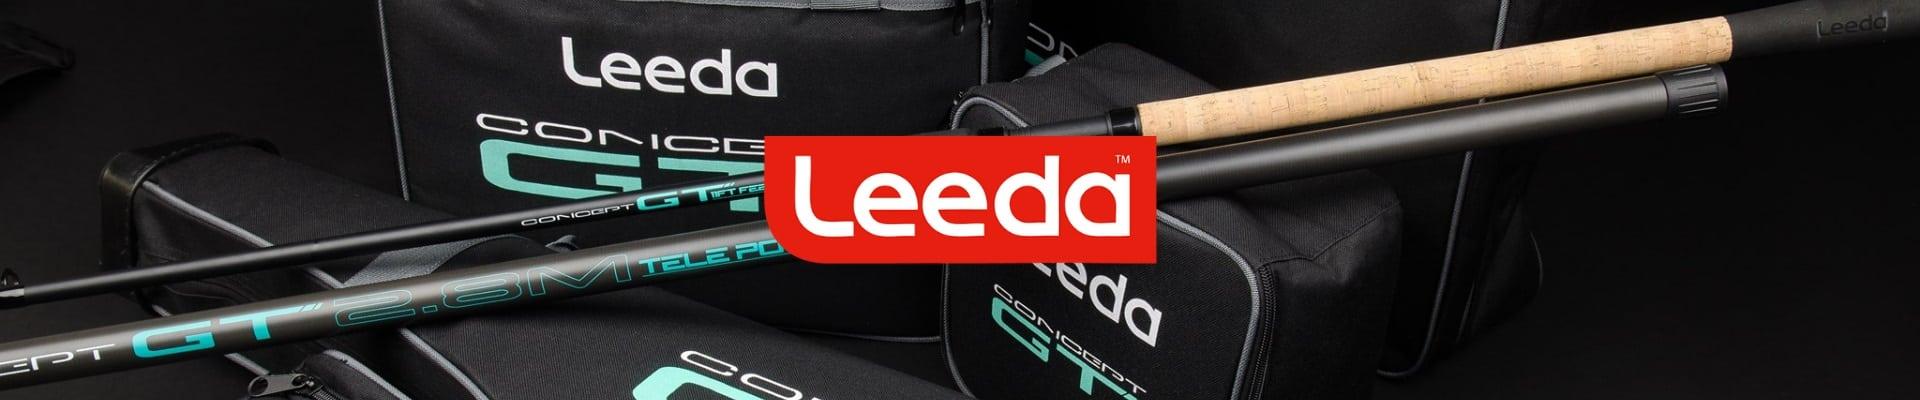 LEEDA CONCEPT GT FEEDER TIPS (A0898-904)